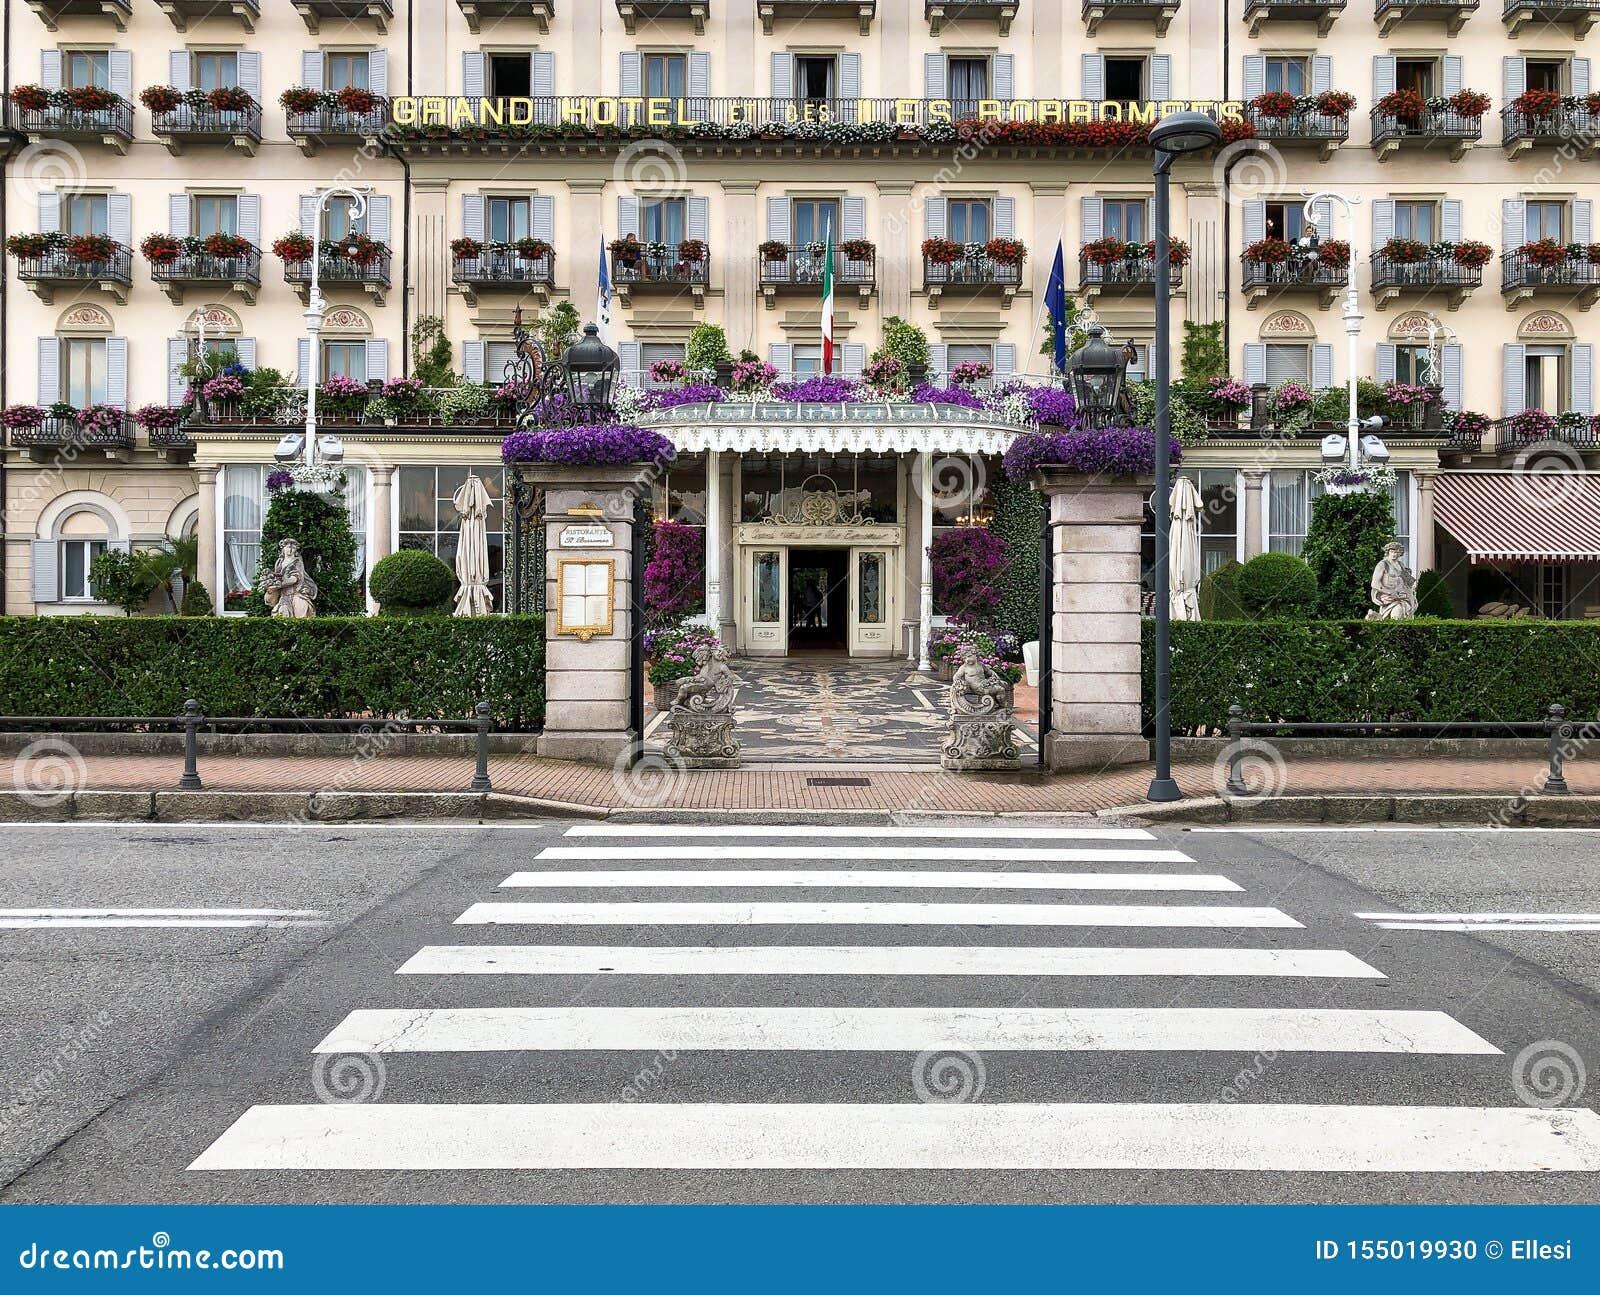 Eingang Von Grand Hotel Des Iles Borromees In Stresa Italien Redaktionelles Bild Bild Von Grand Iles 155019930